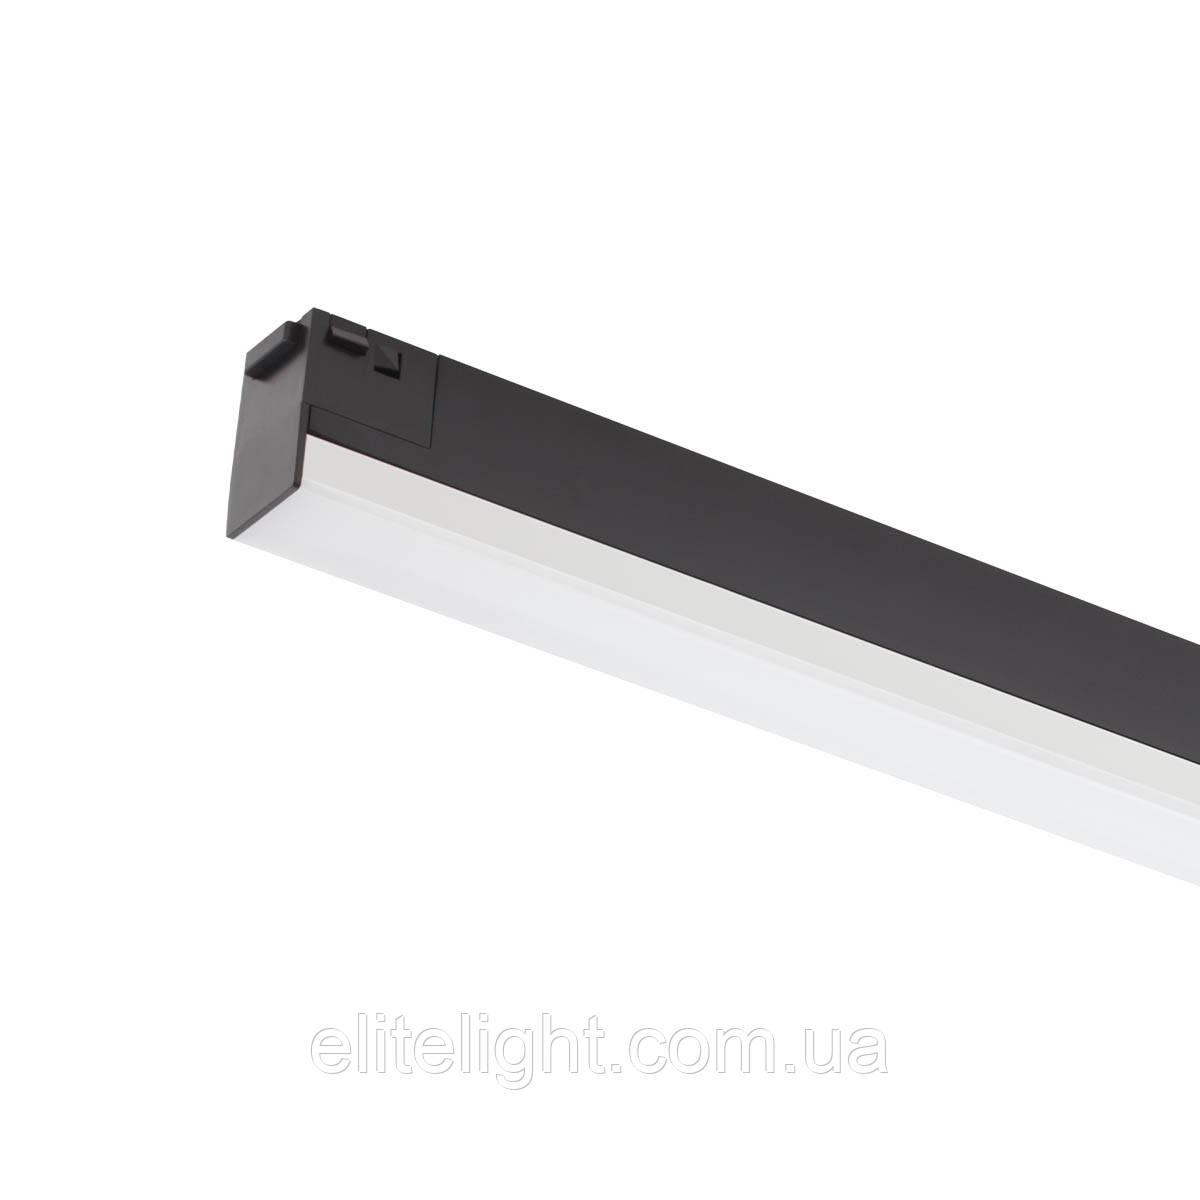 Линейный светильник для трека Arelux XCLICK M LINIAR FIXTURE 30